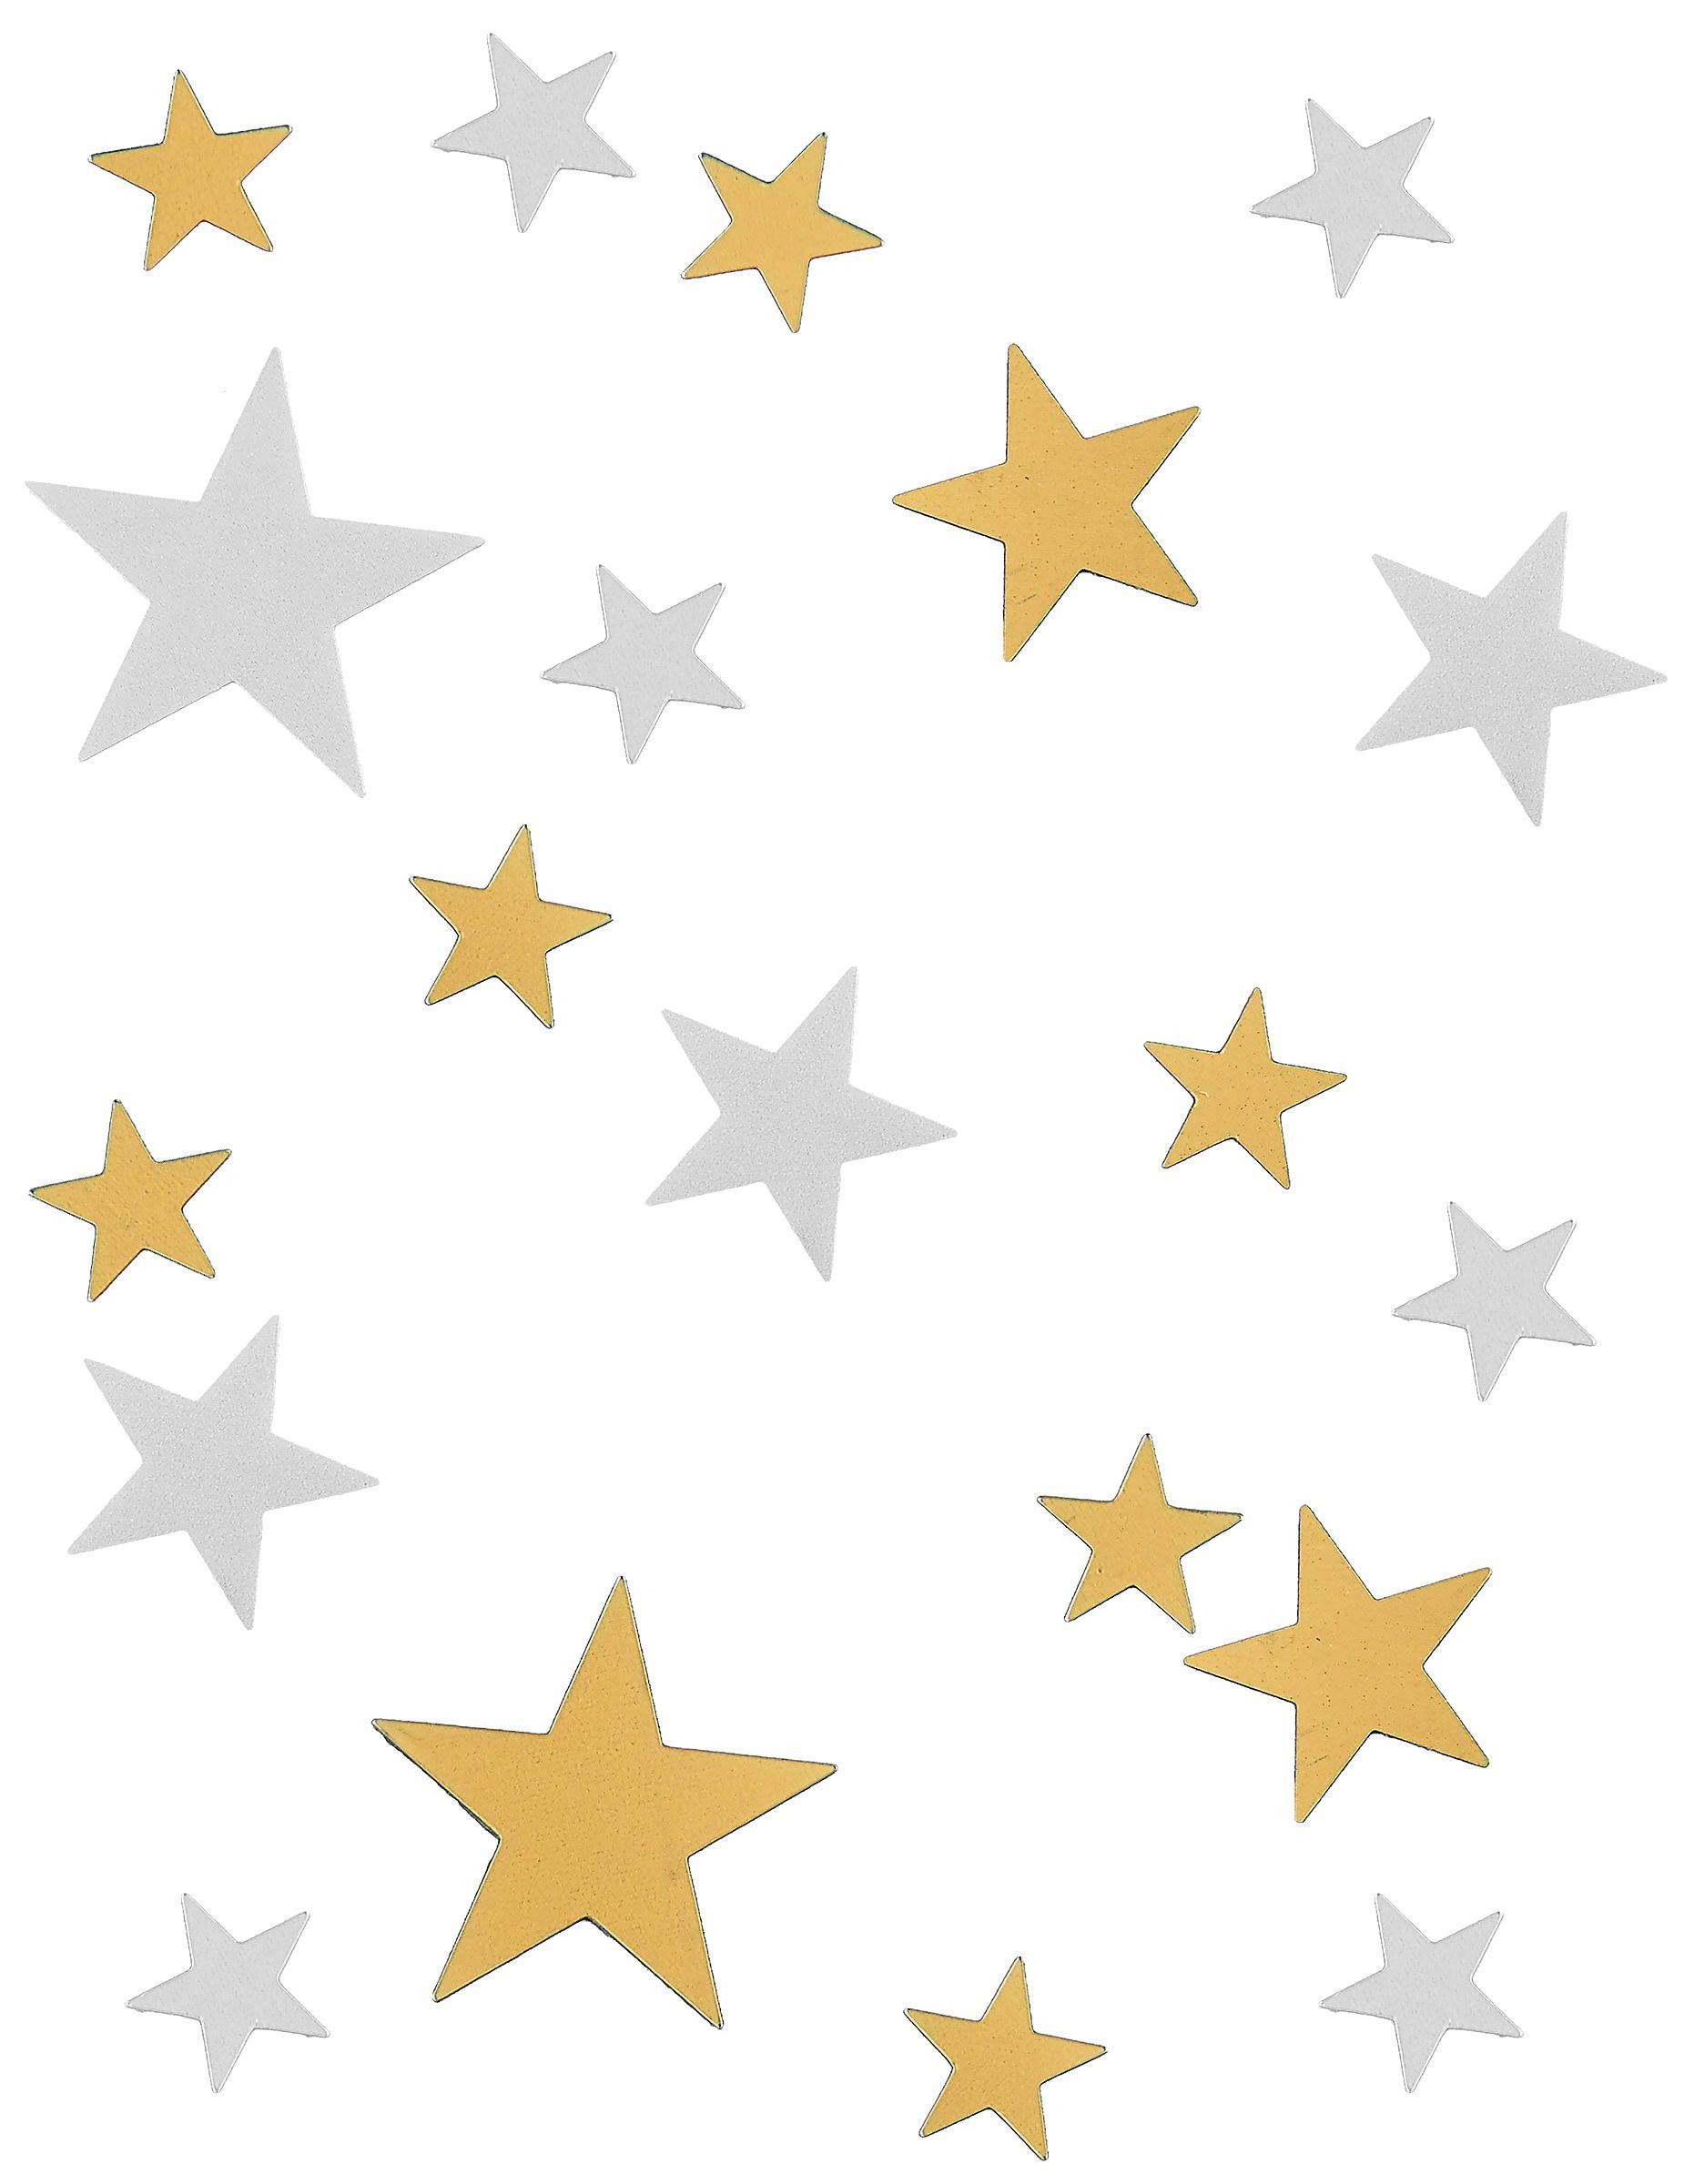 Confetis estrella dorado y blanco.